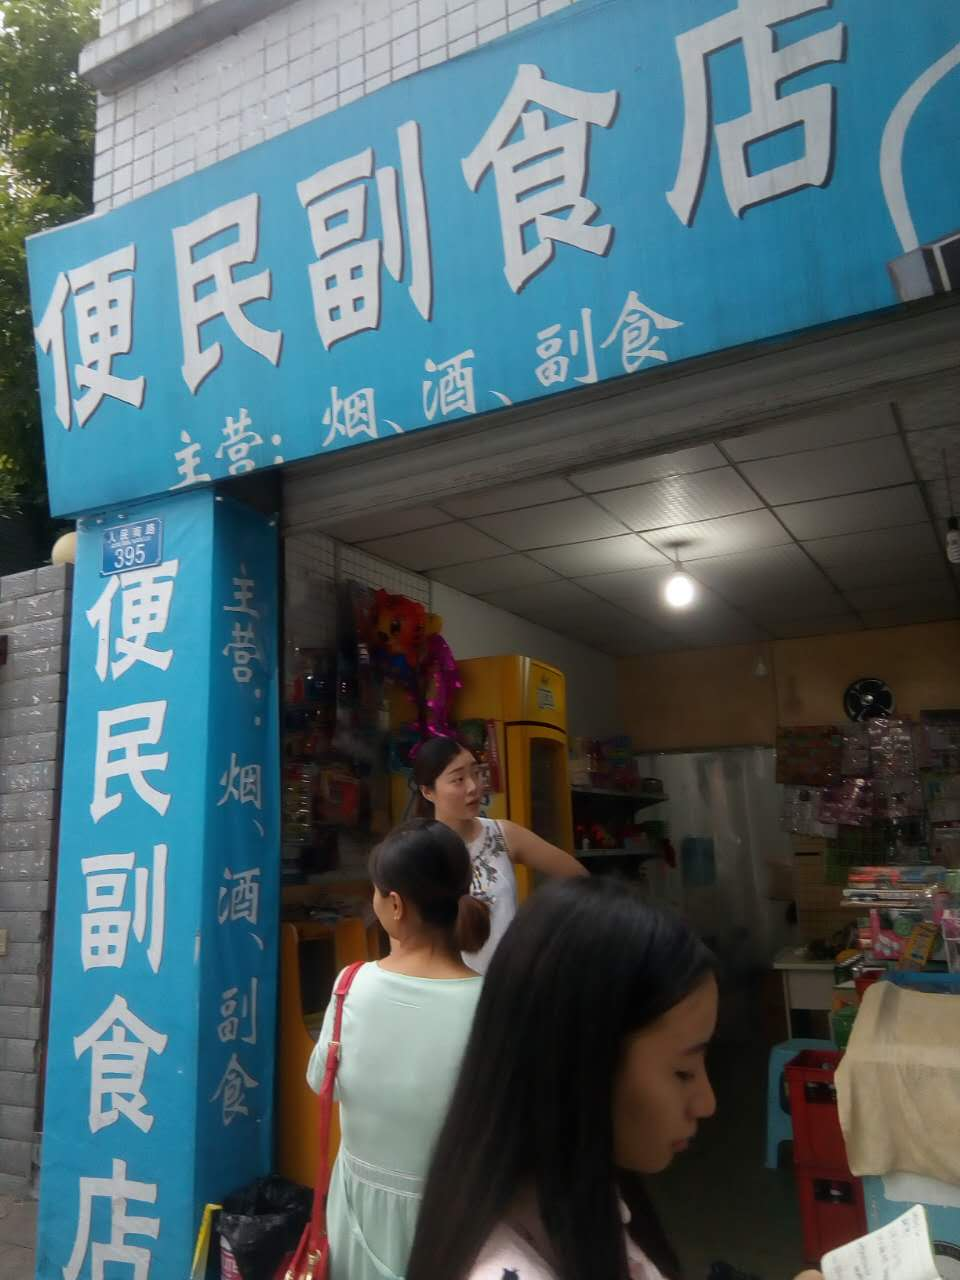 吸塑包装-品牌印刷资料厂家-重庆创阔包装成品无限公司